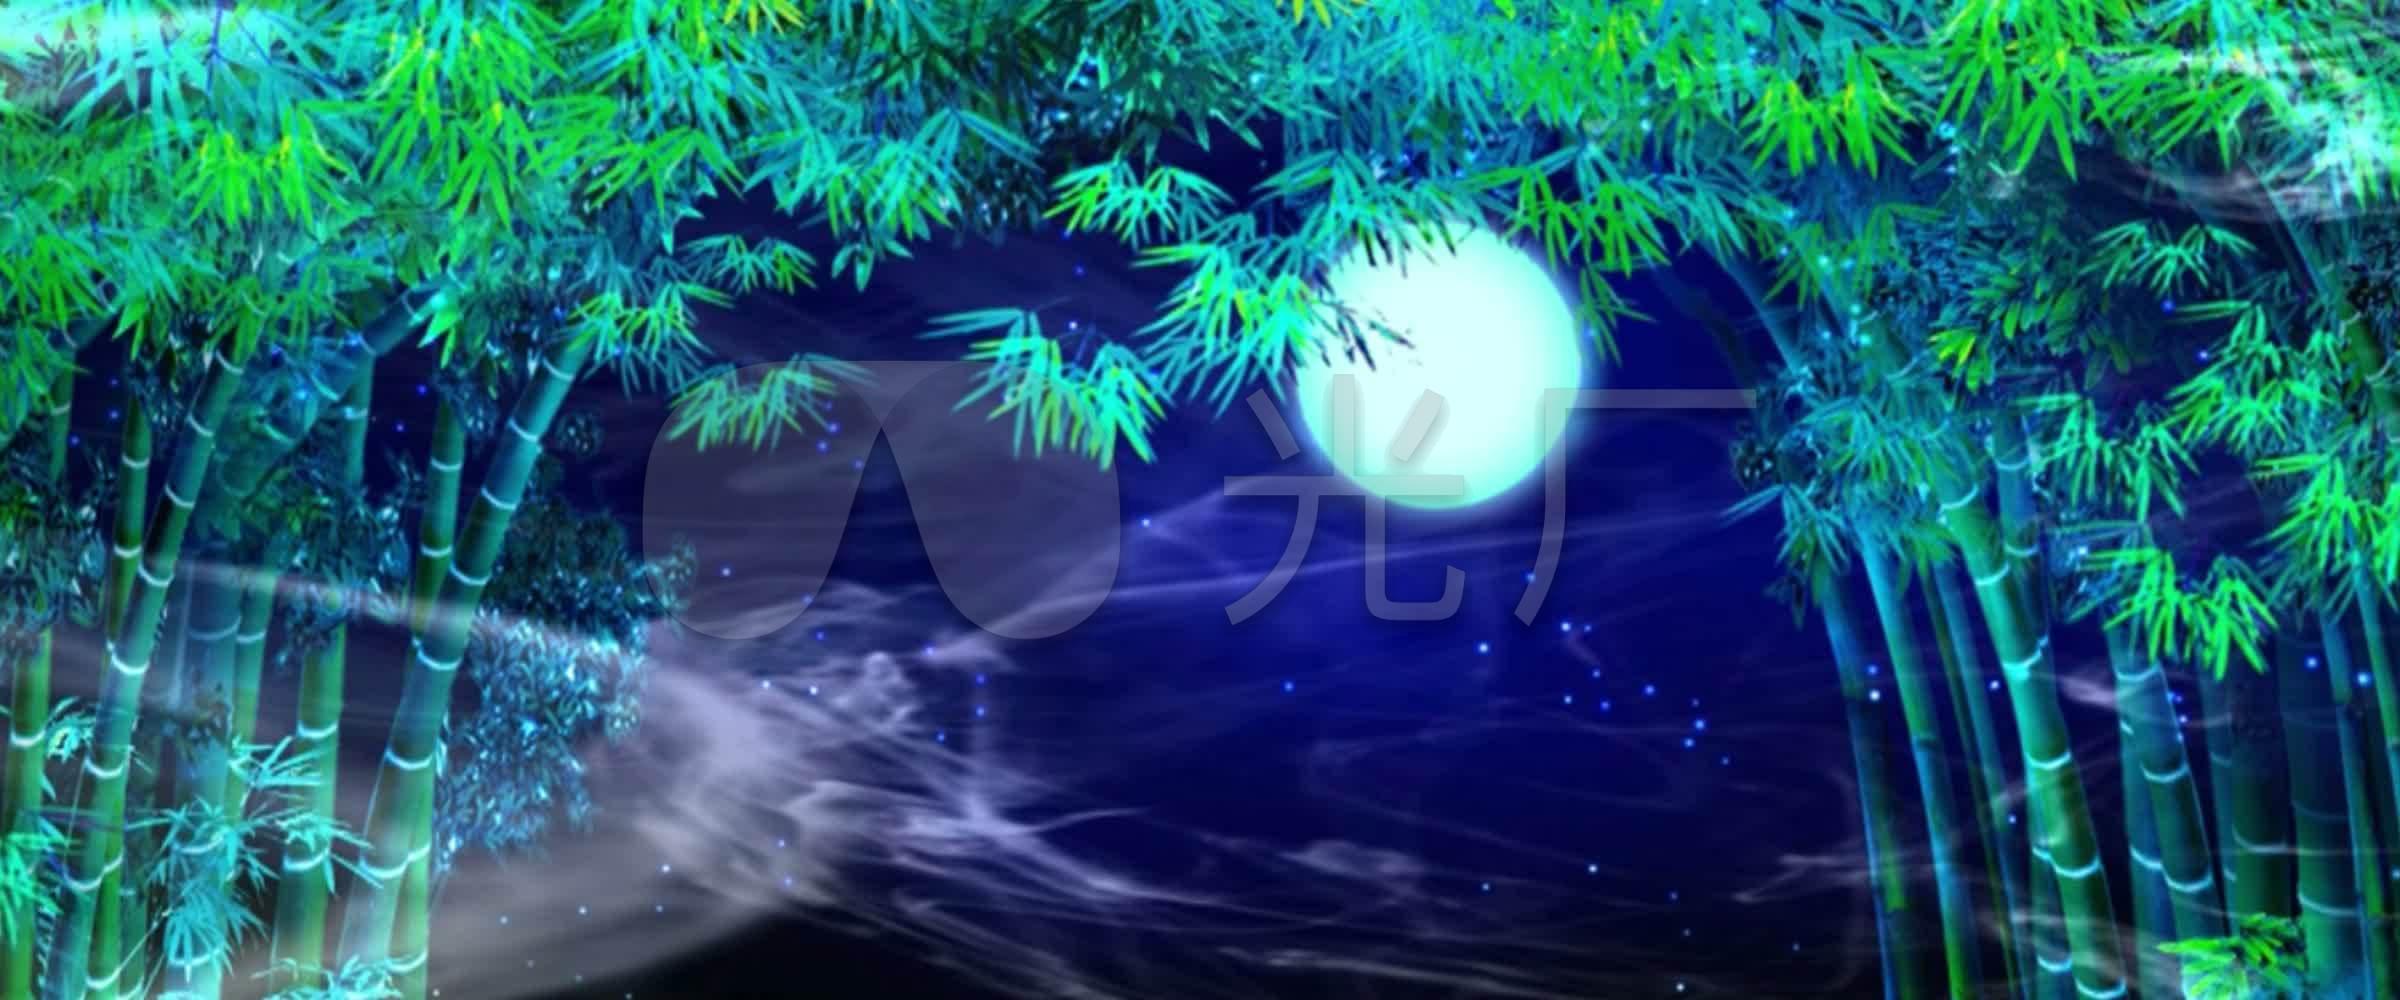 月光视频下的凤尾竹_2400X1000_视频高清素竹子唐渝杰图片